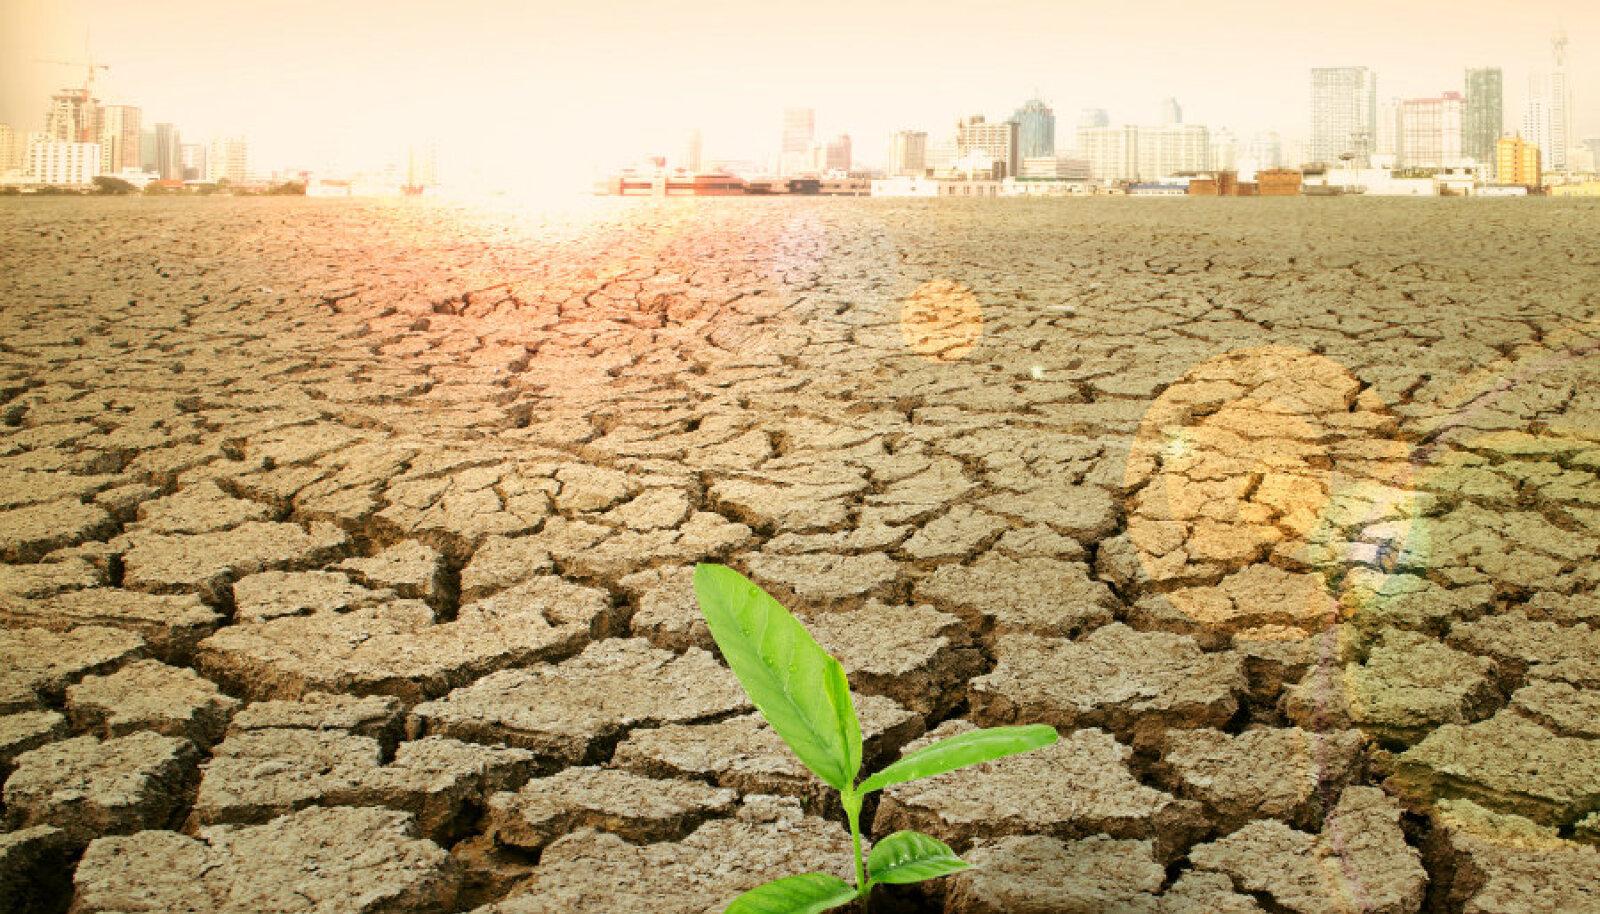 Inimkond on jõudnud planeedi taluvuspiiride ületamise piirile